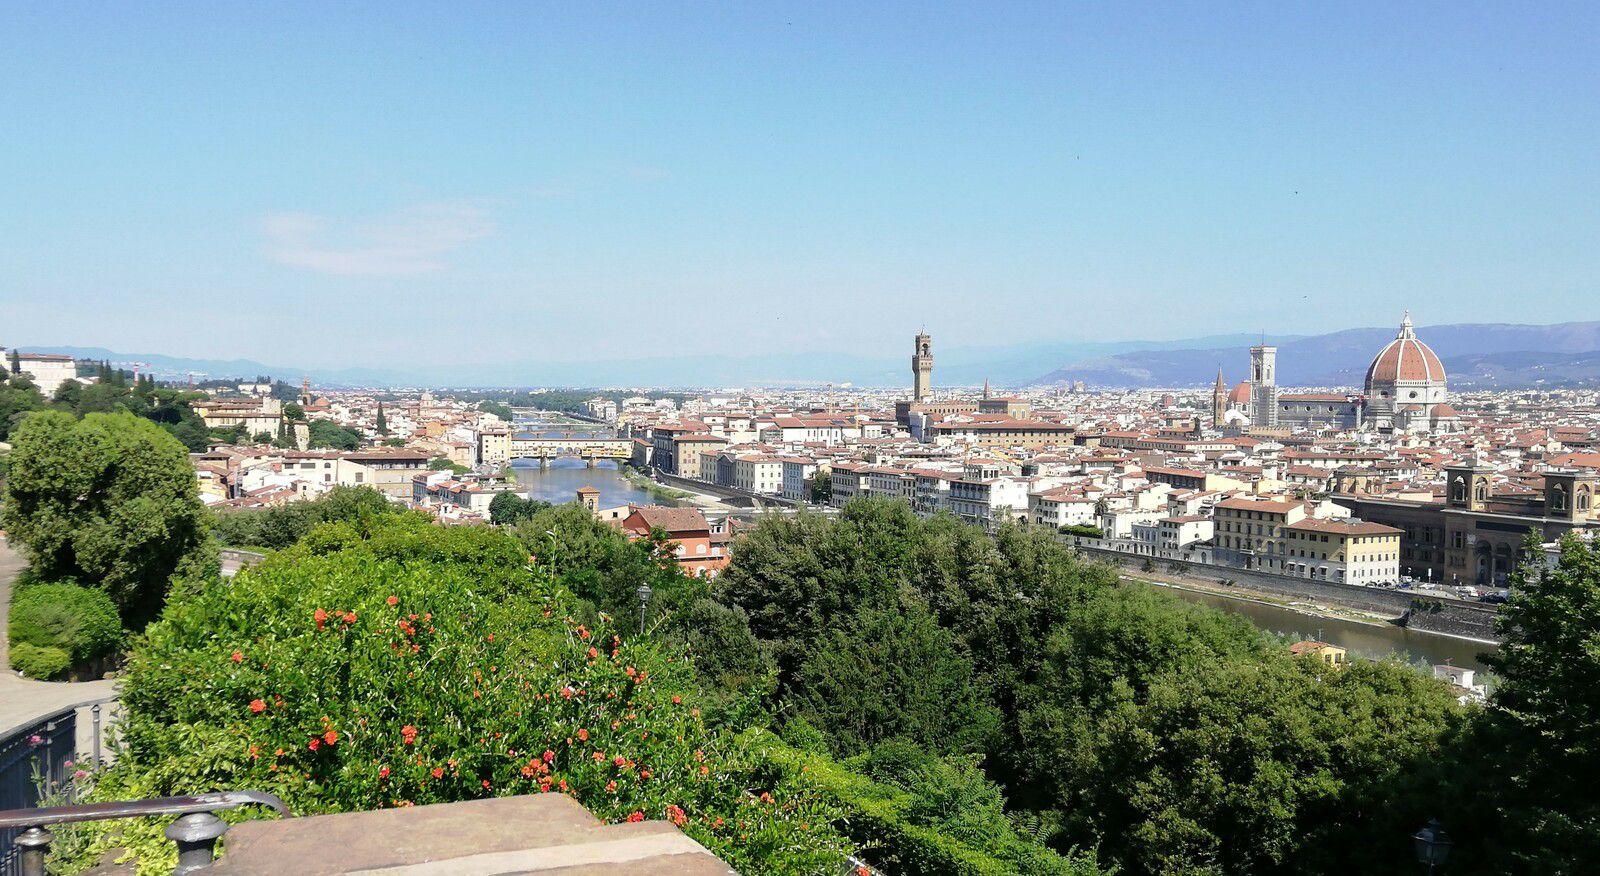 Magnifique vue sur le centre historique de Florence